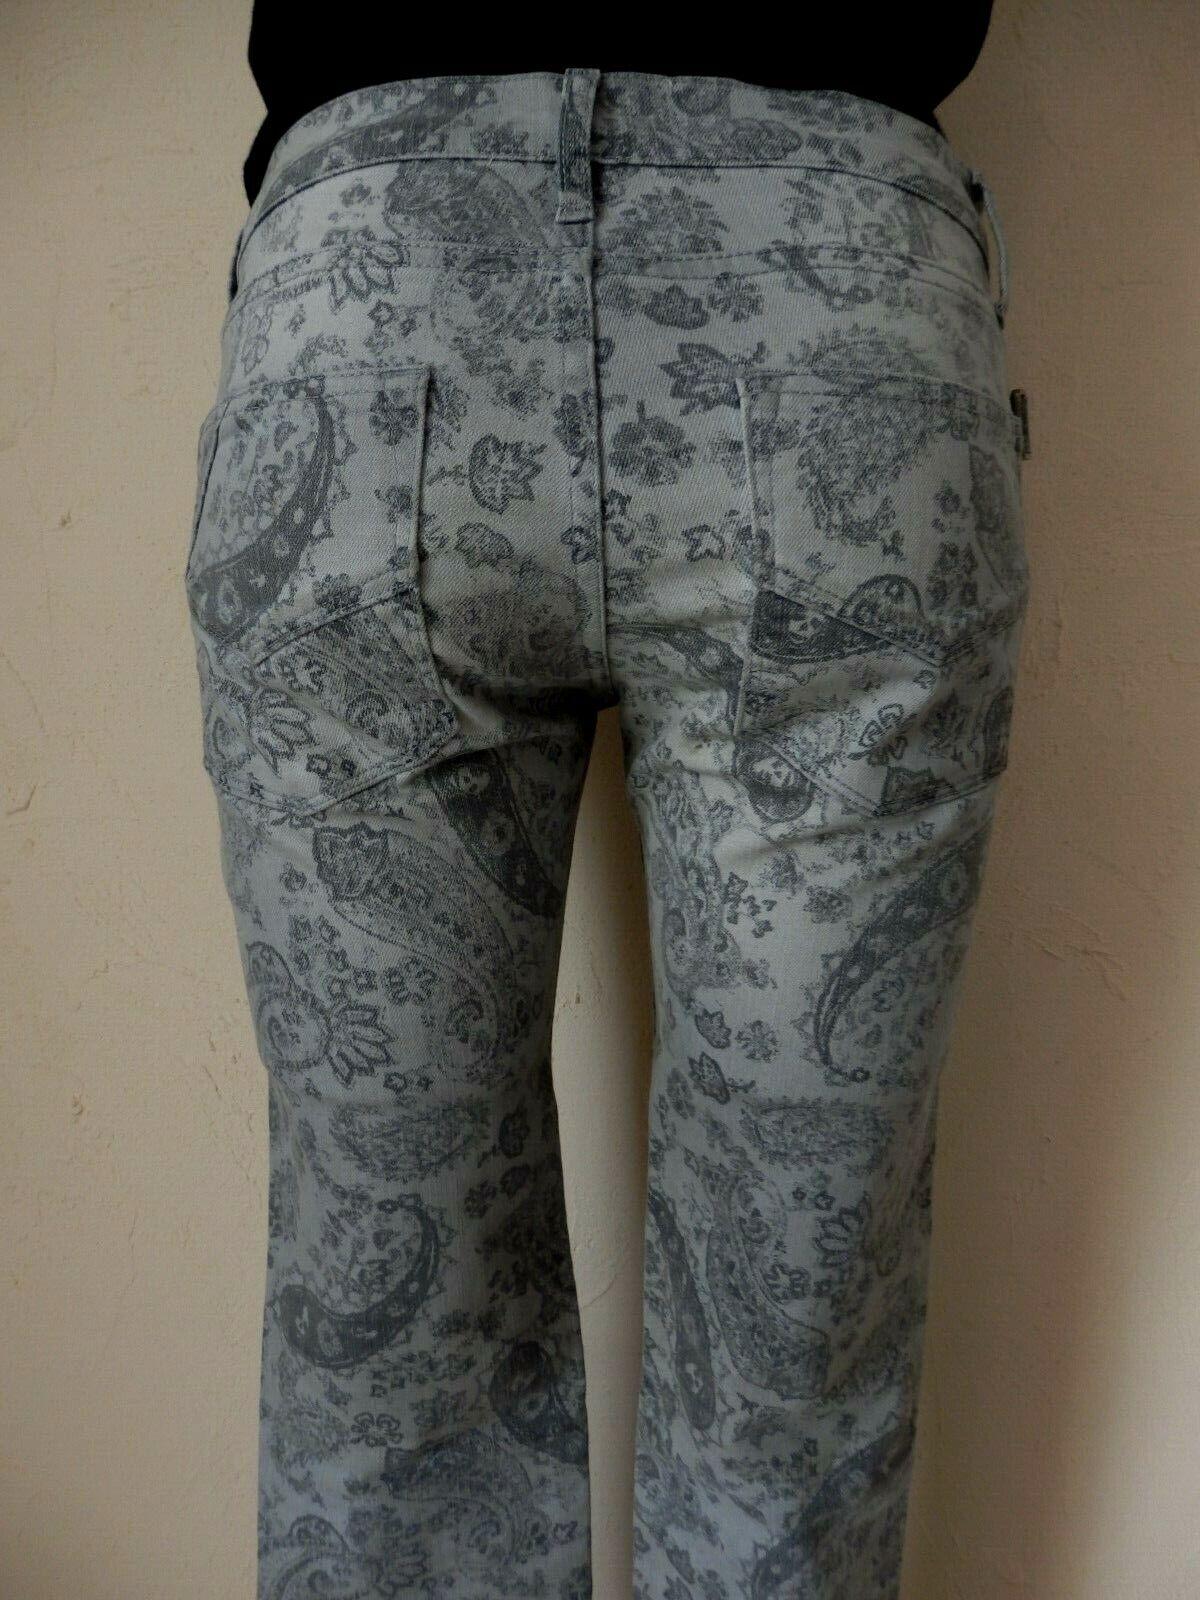 ZADIG & VOLTAIRE - Jeans Jeans Jeans   Winter   - grau gedruckt - t. 27us d.h. 37fr 939cf2